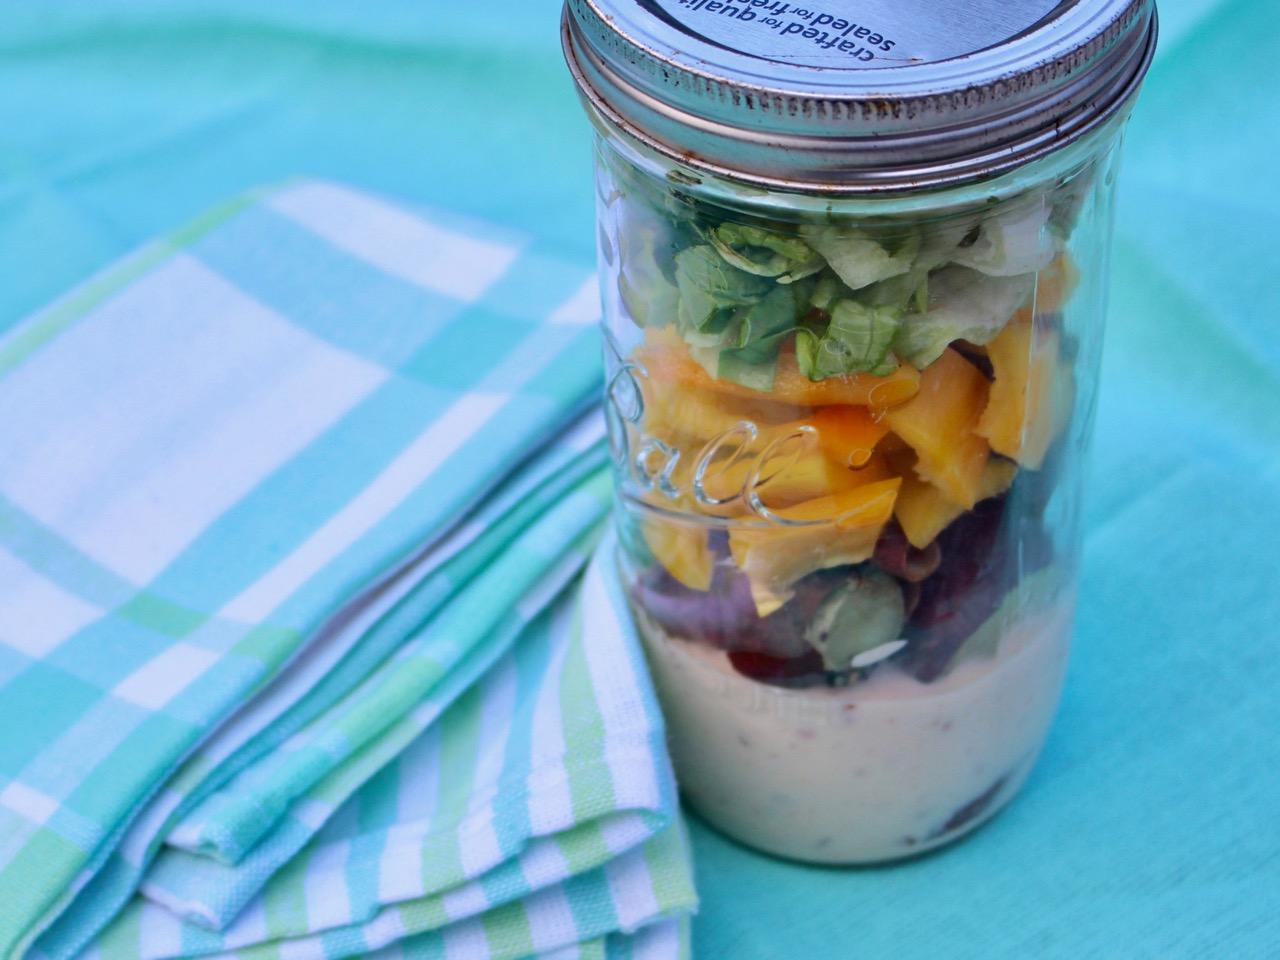 A kumara picnic salad idea